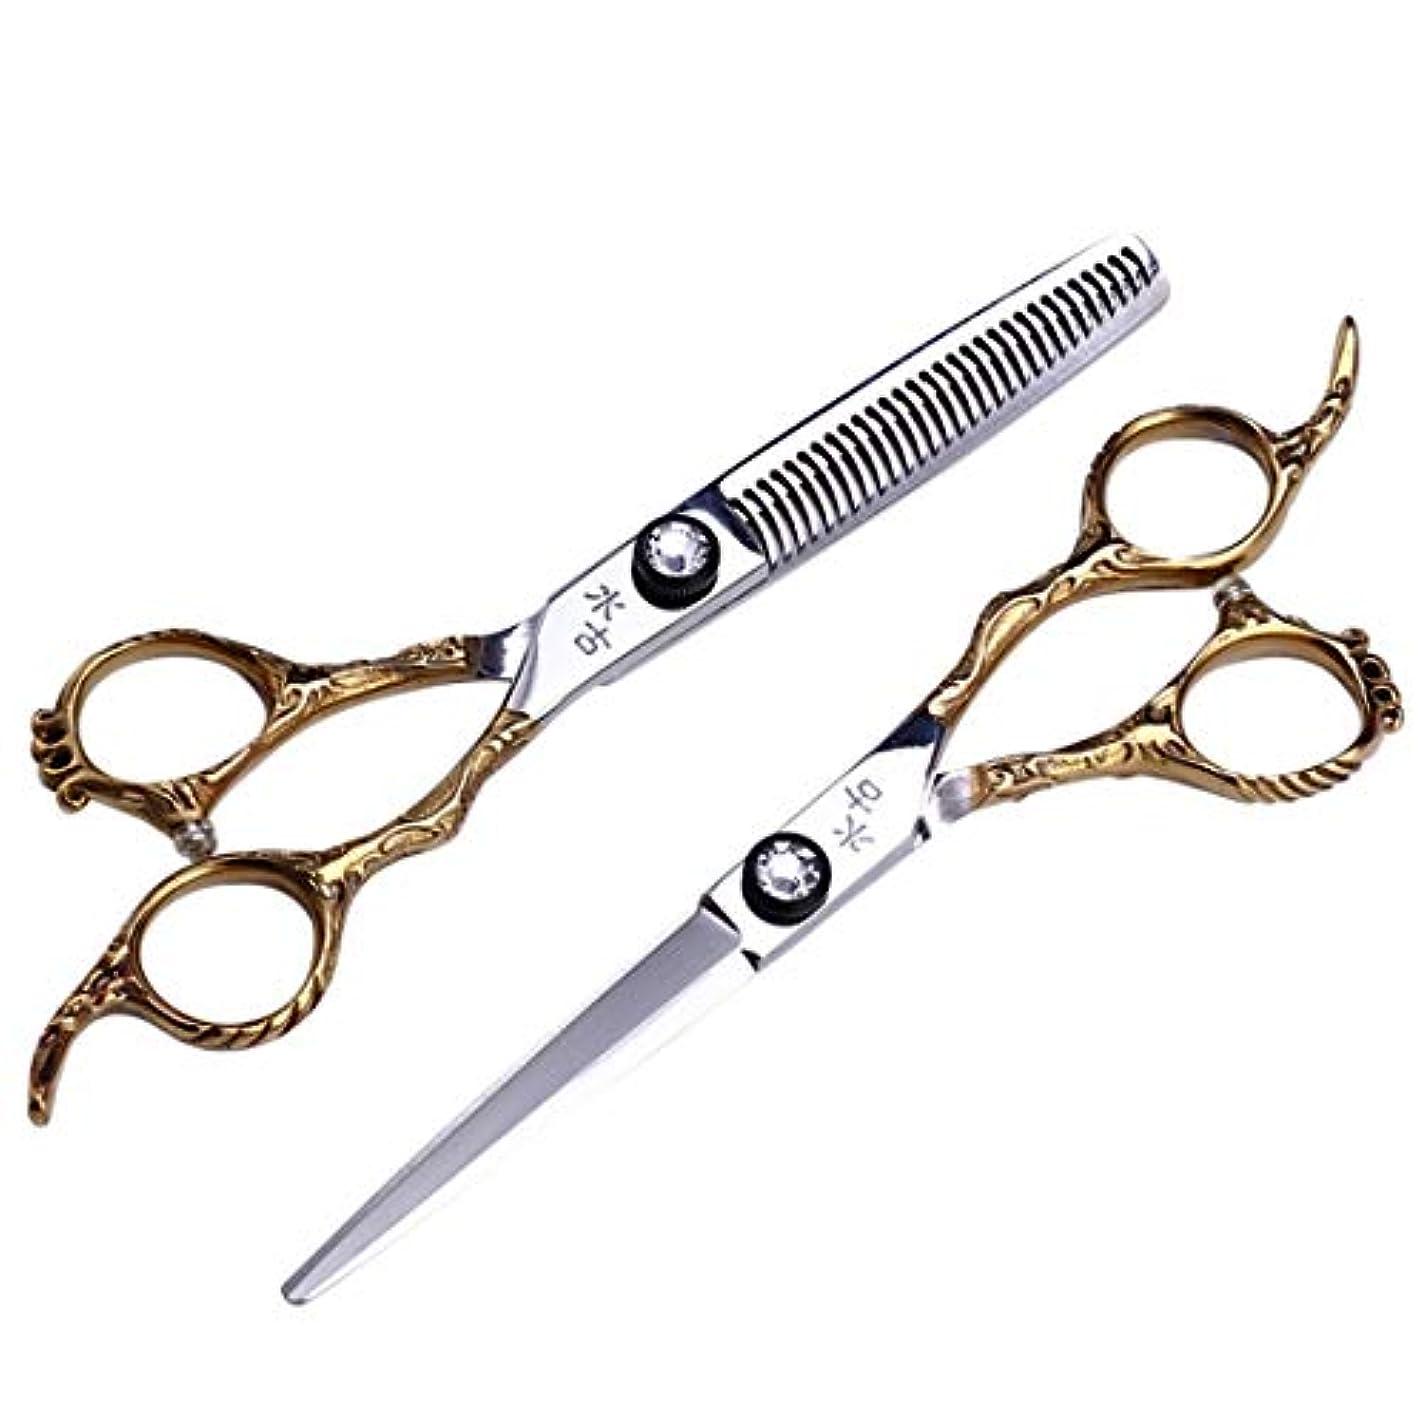 北米ラッカス説得Jiaoran プロの理髪はさみ、歯はさみ+フラットシャーリングセット6.0インチ理髪サロンツールセット (Color : Gold)